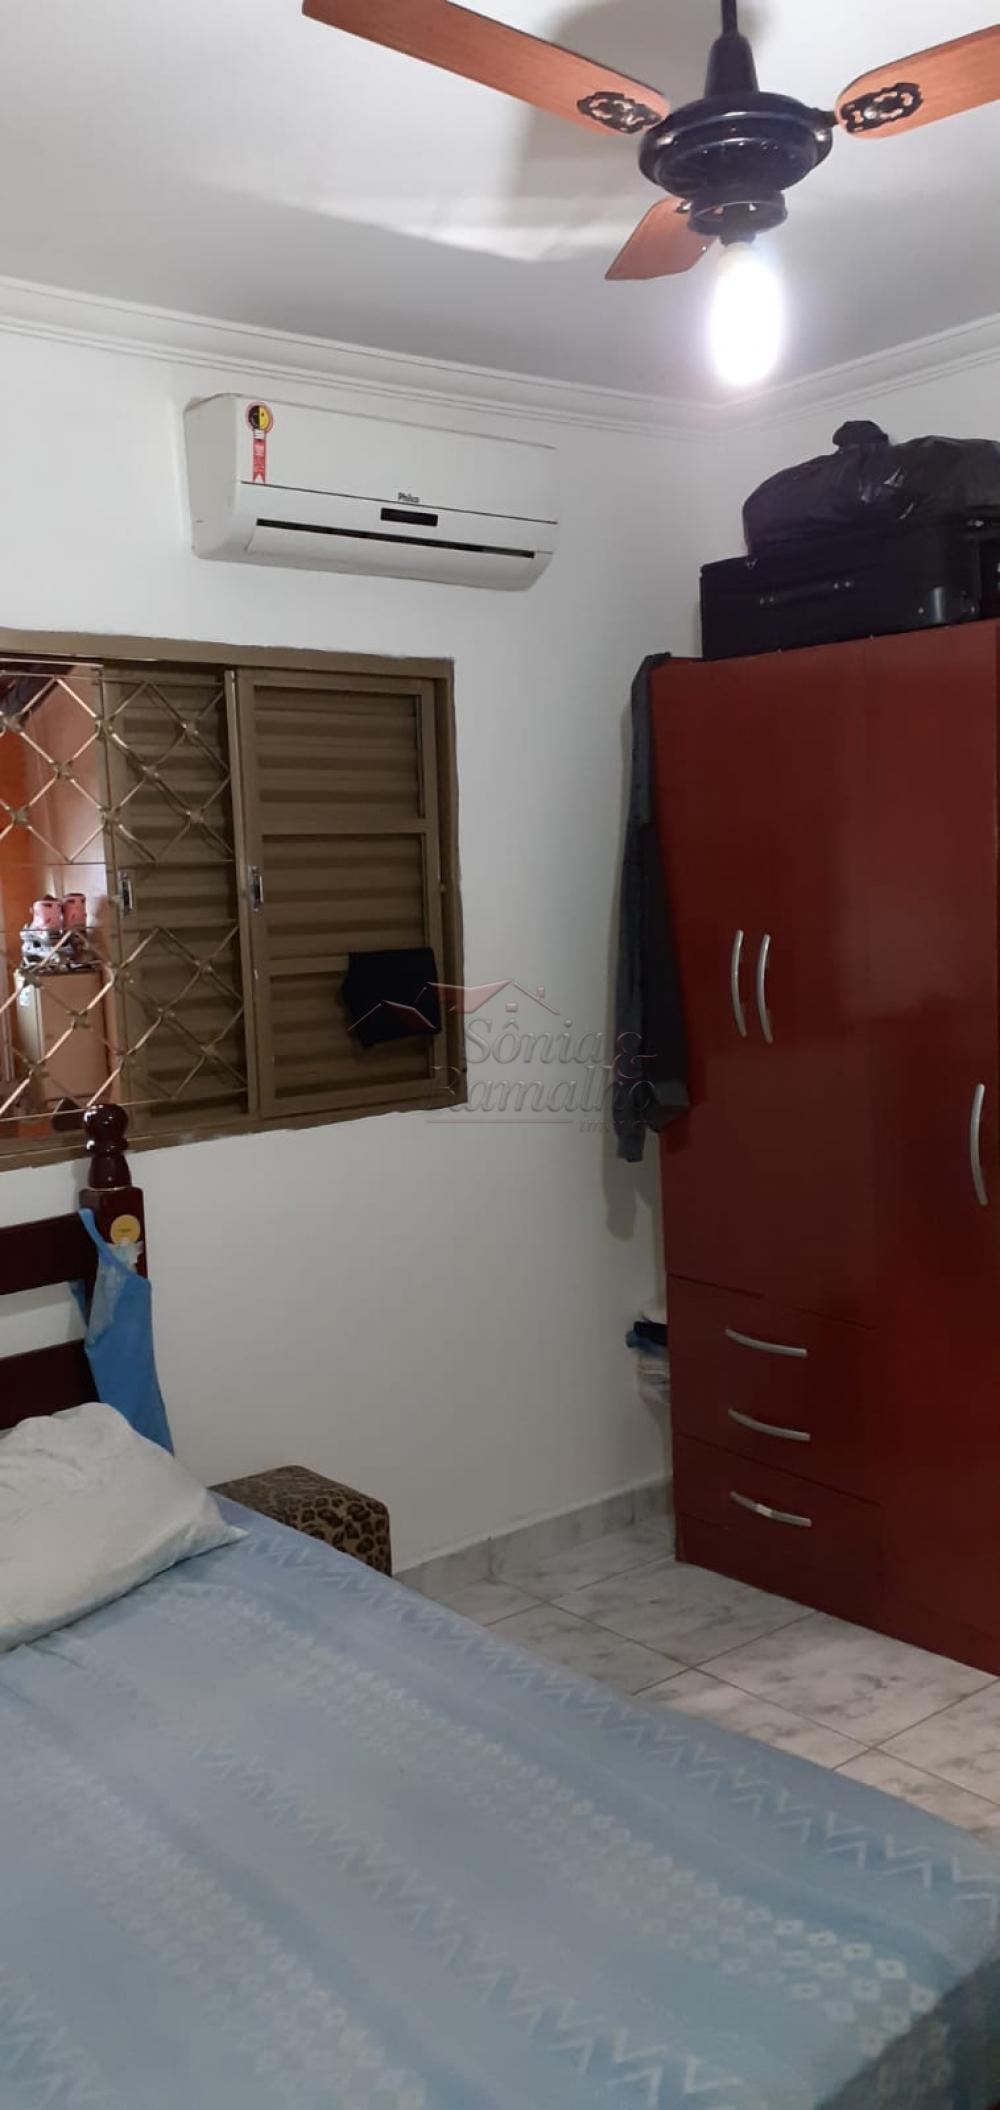 Comprar Casas / Padrão em Ribeirão Preto apenas R$ 200.000,00 - Foto 17